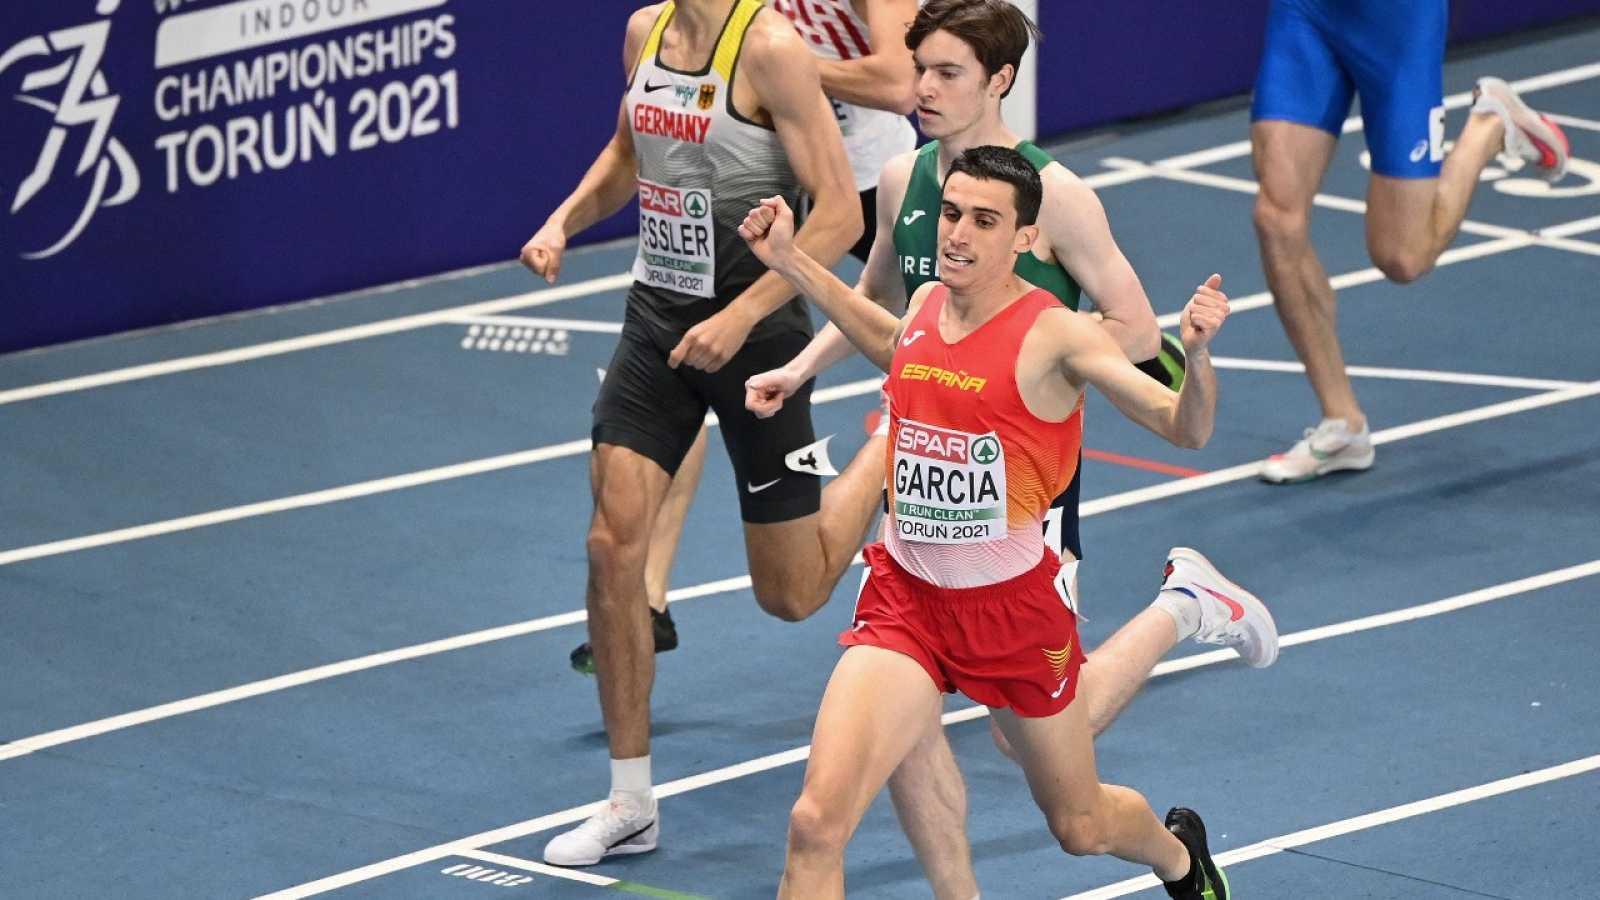 Mariano García gana su semifinal de 800m en Torun